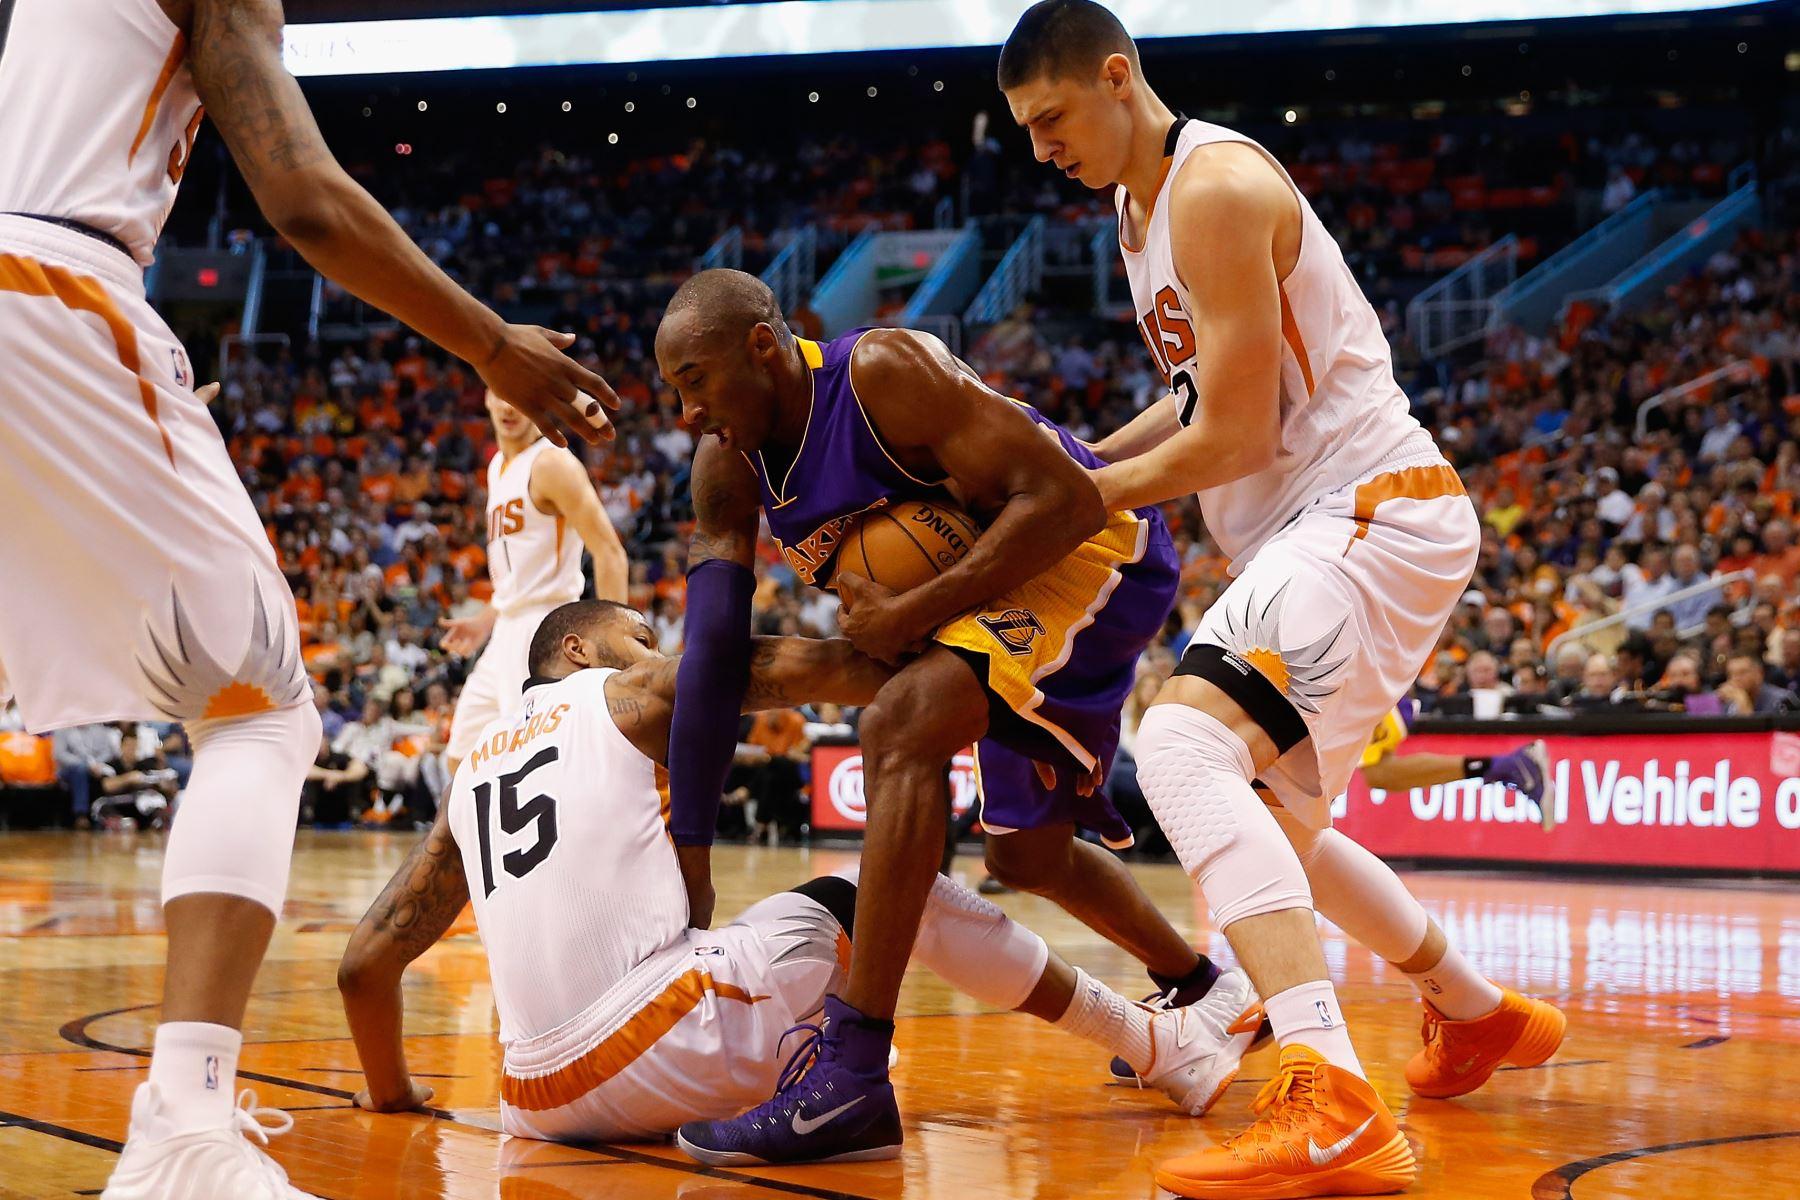 Kobe Bryant, de Los Angeles Lakers lucha por la posesión del juego de la NBA en el US Airways Center el 29 de octubre de 2014 en Phoenix, Arizona. Foto: AFP